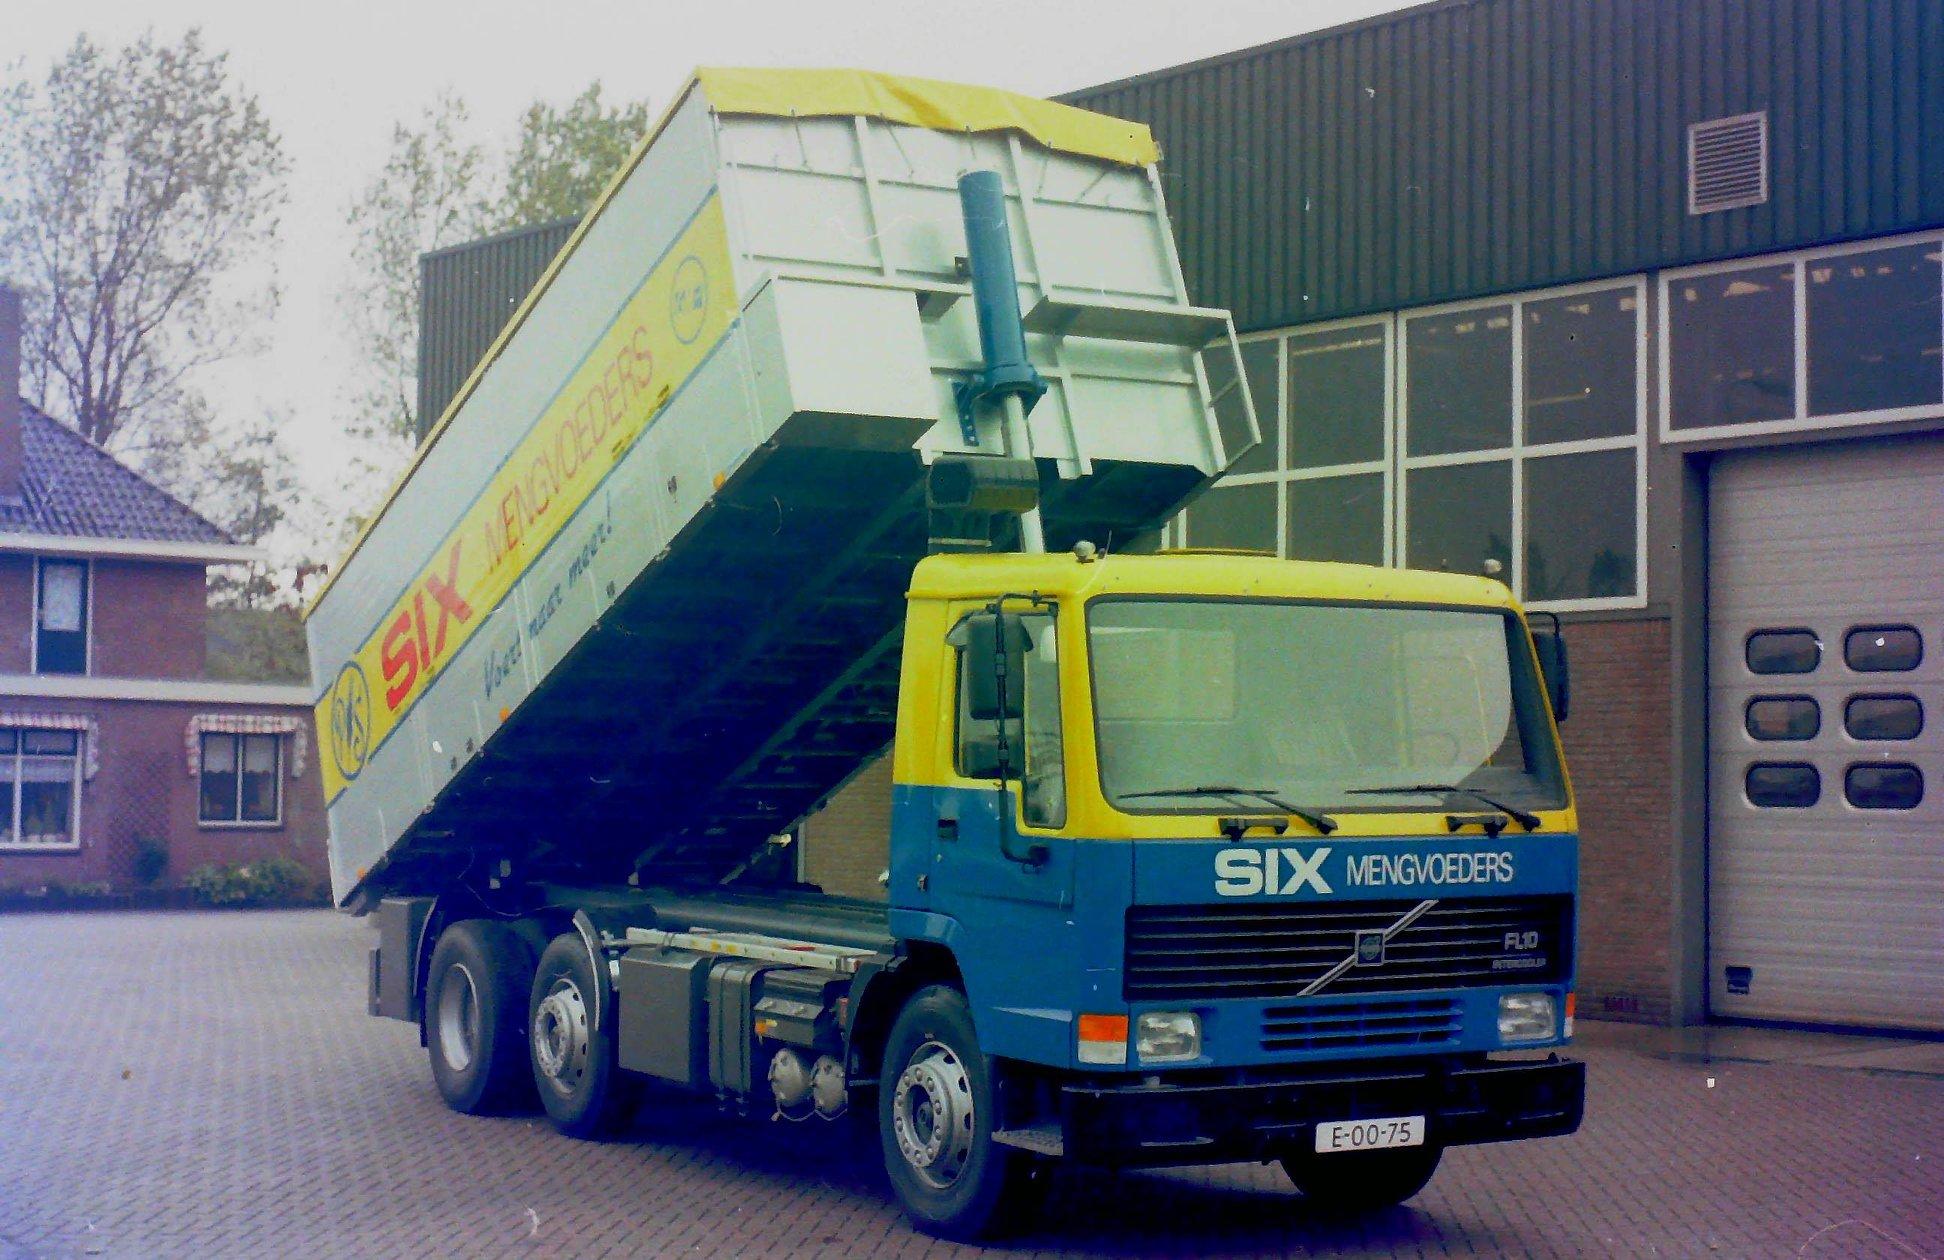 Deze-bulkauto-is-door-Rondaan-opgebouwd-voor-SIX-mengvoeders-4